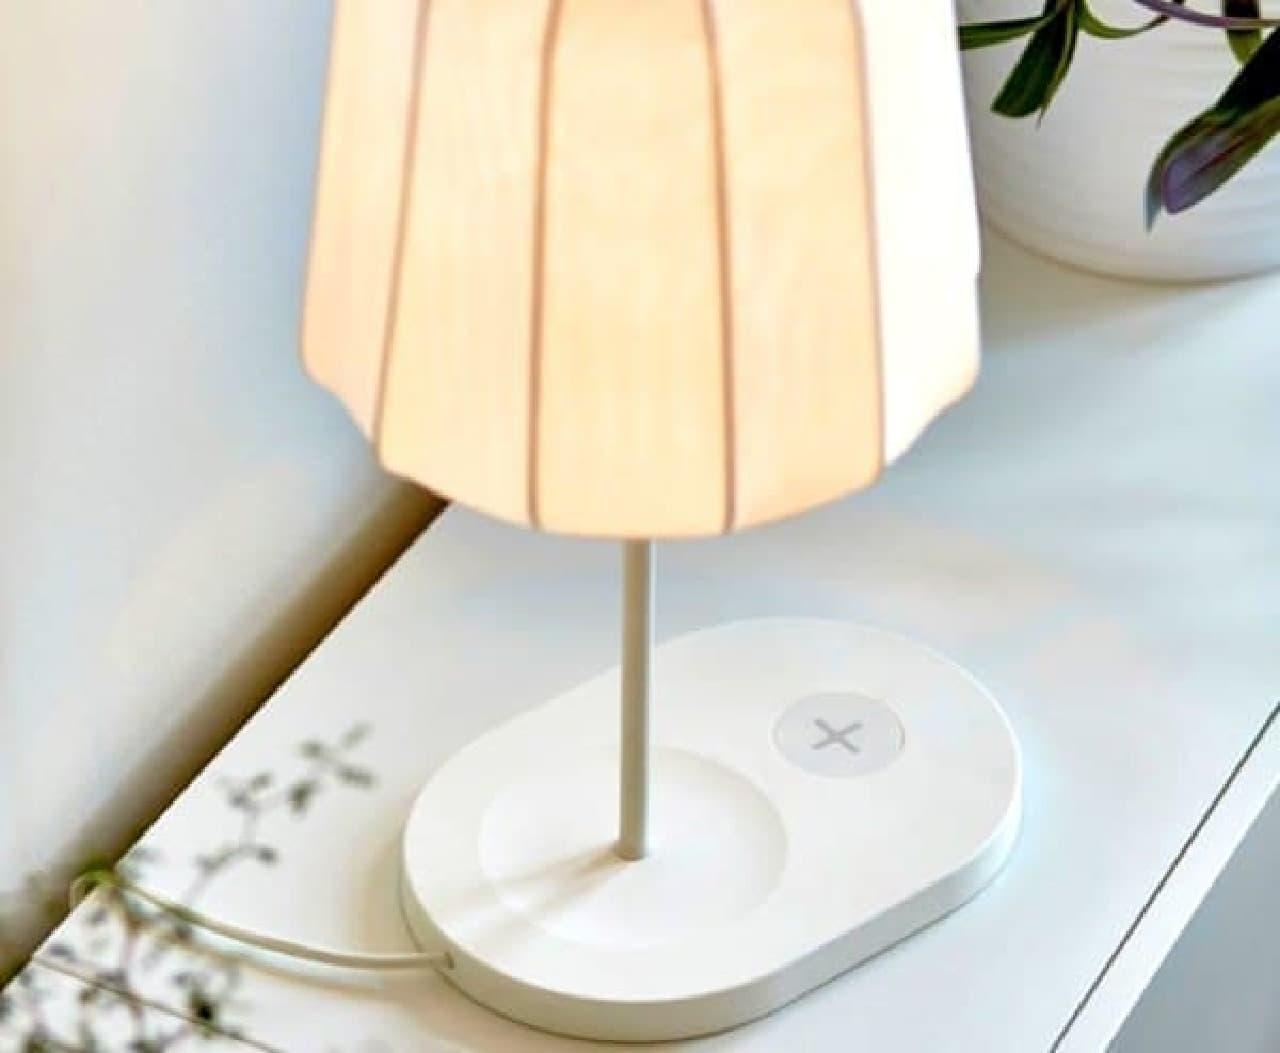 充電ケーブルのないスッキリした部屋に!―ikea の「おくだけ充電」対応インテリア えんウチ